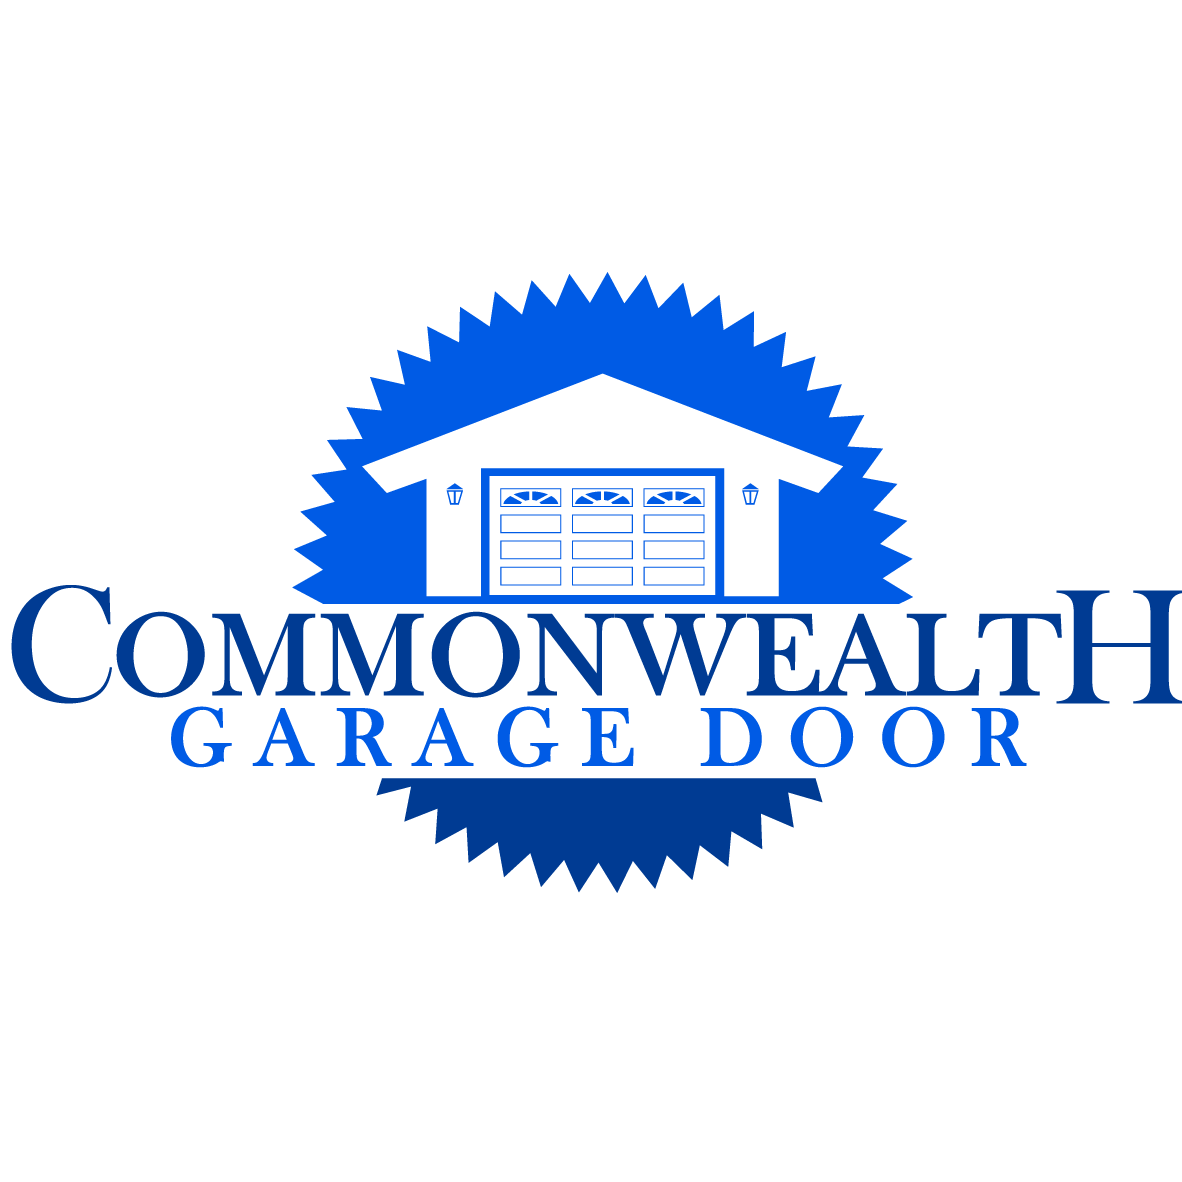 Commonwealth Garage Door - Garage Door Repair and Service | Central Va